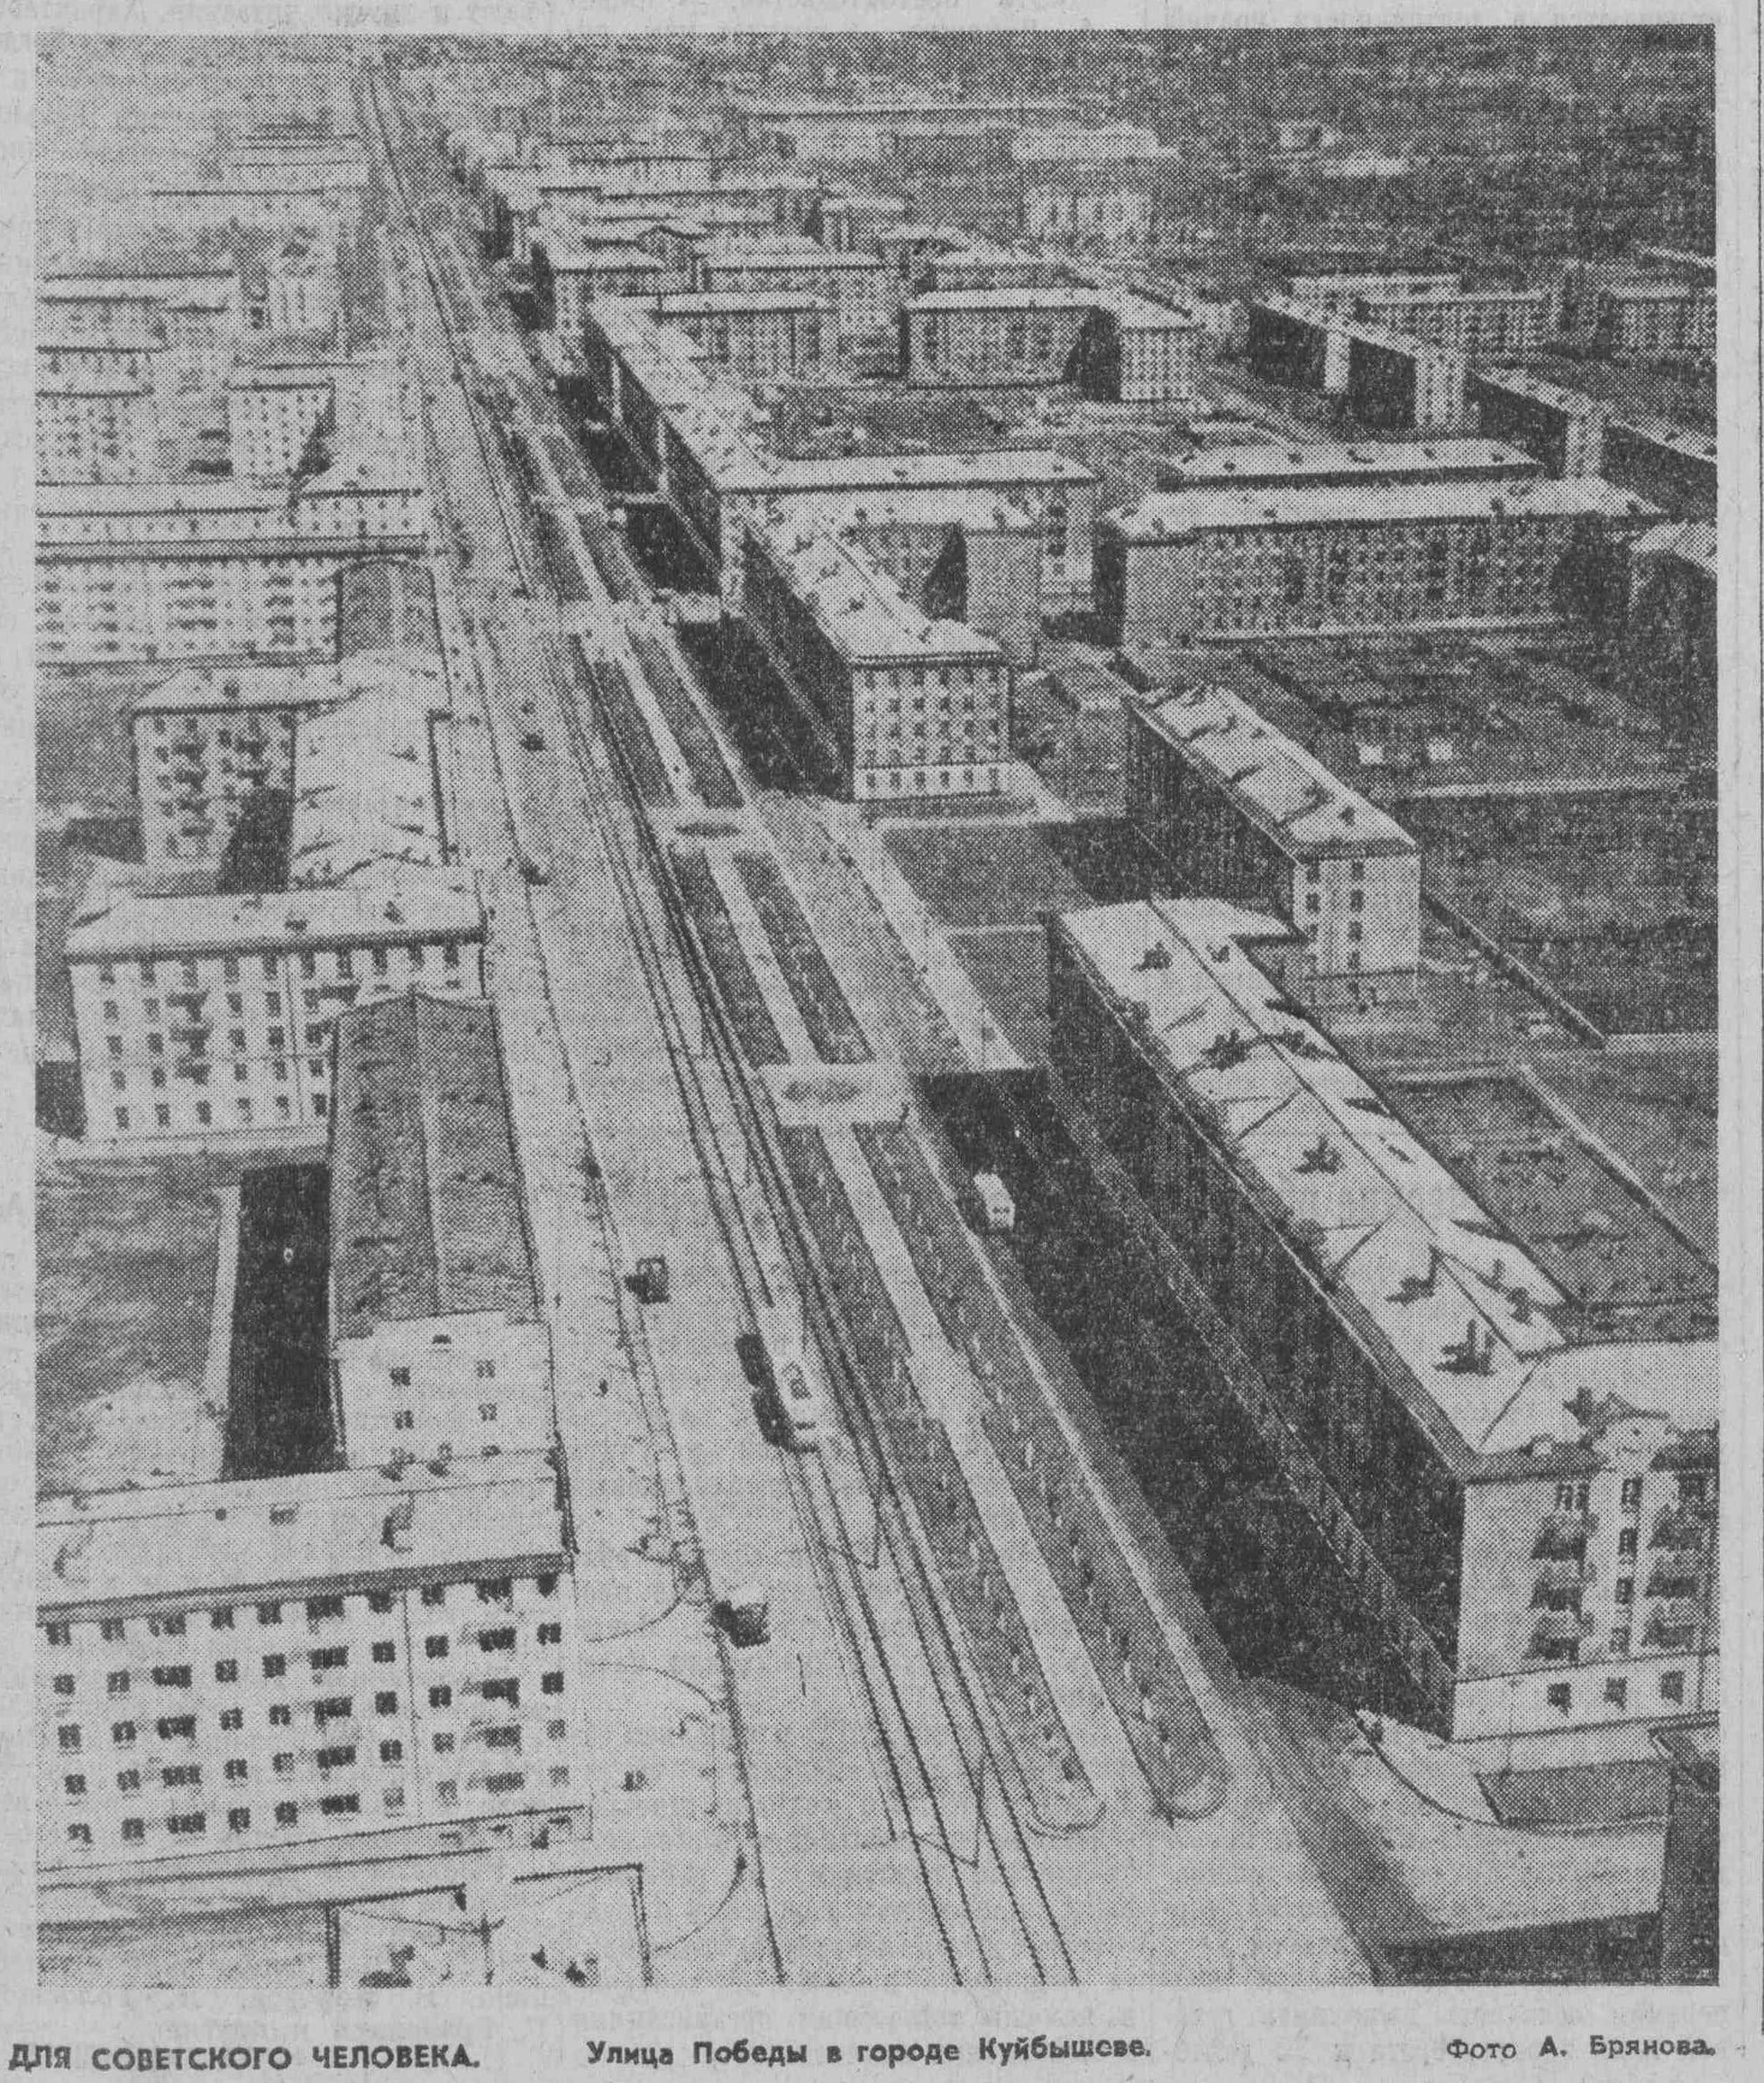 Победы-ФОТО-72-ВКа-1960-05-26-панорама улицы Победы-min